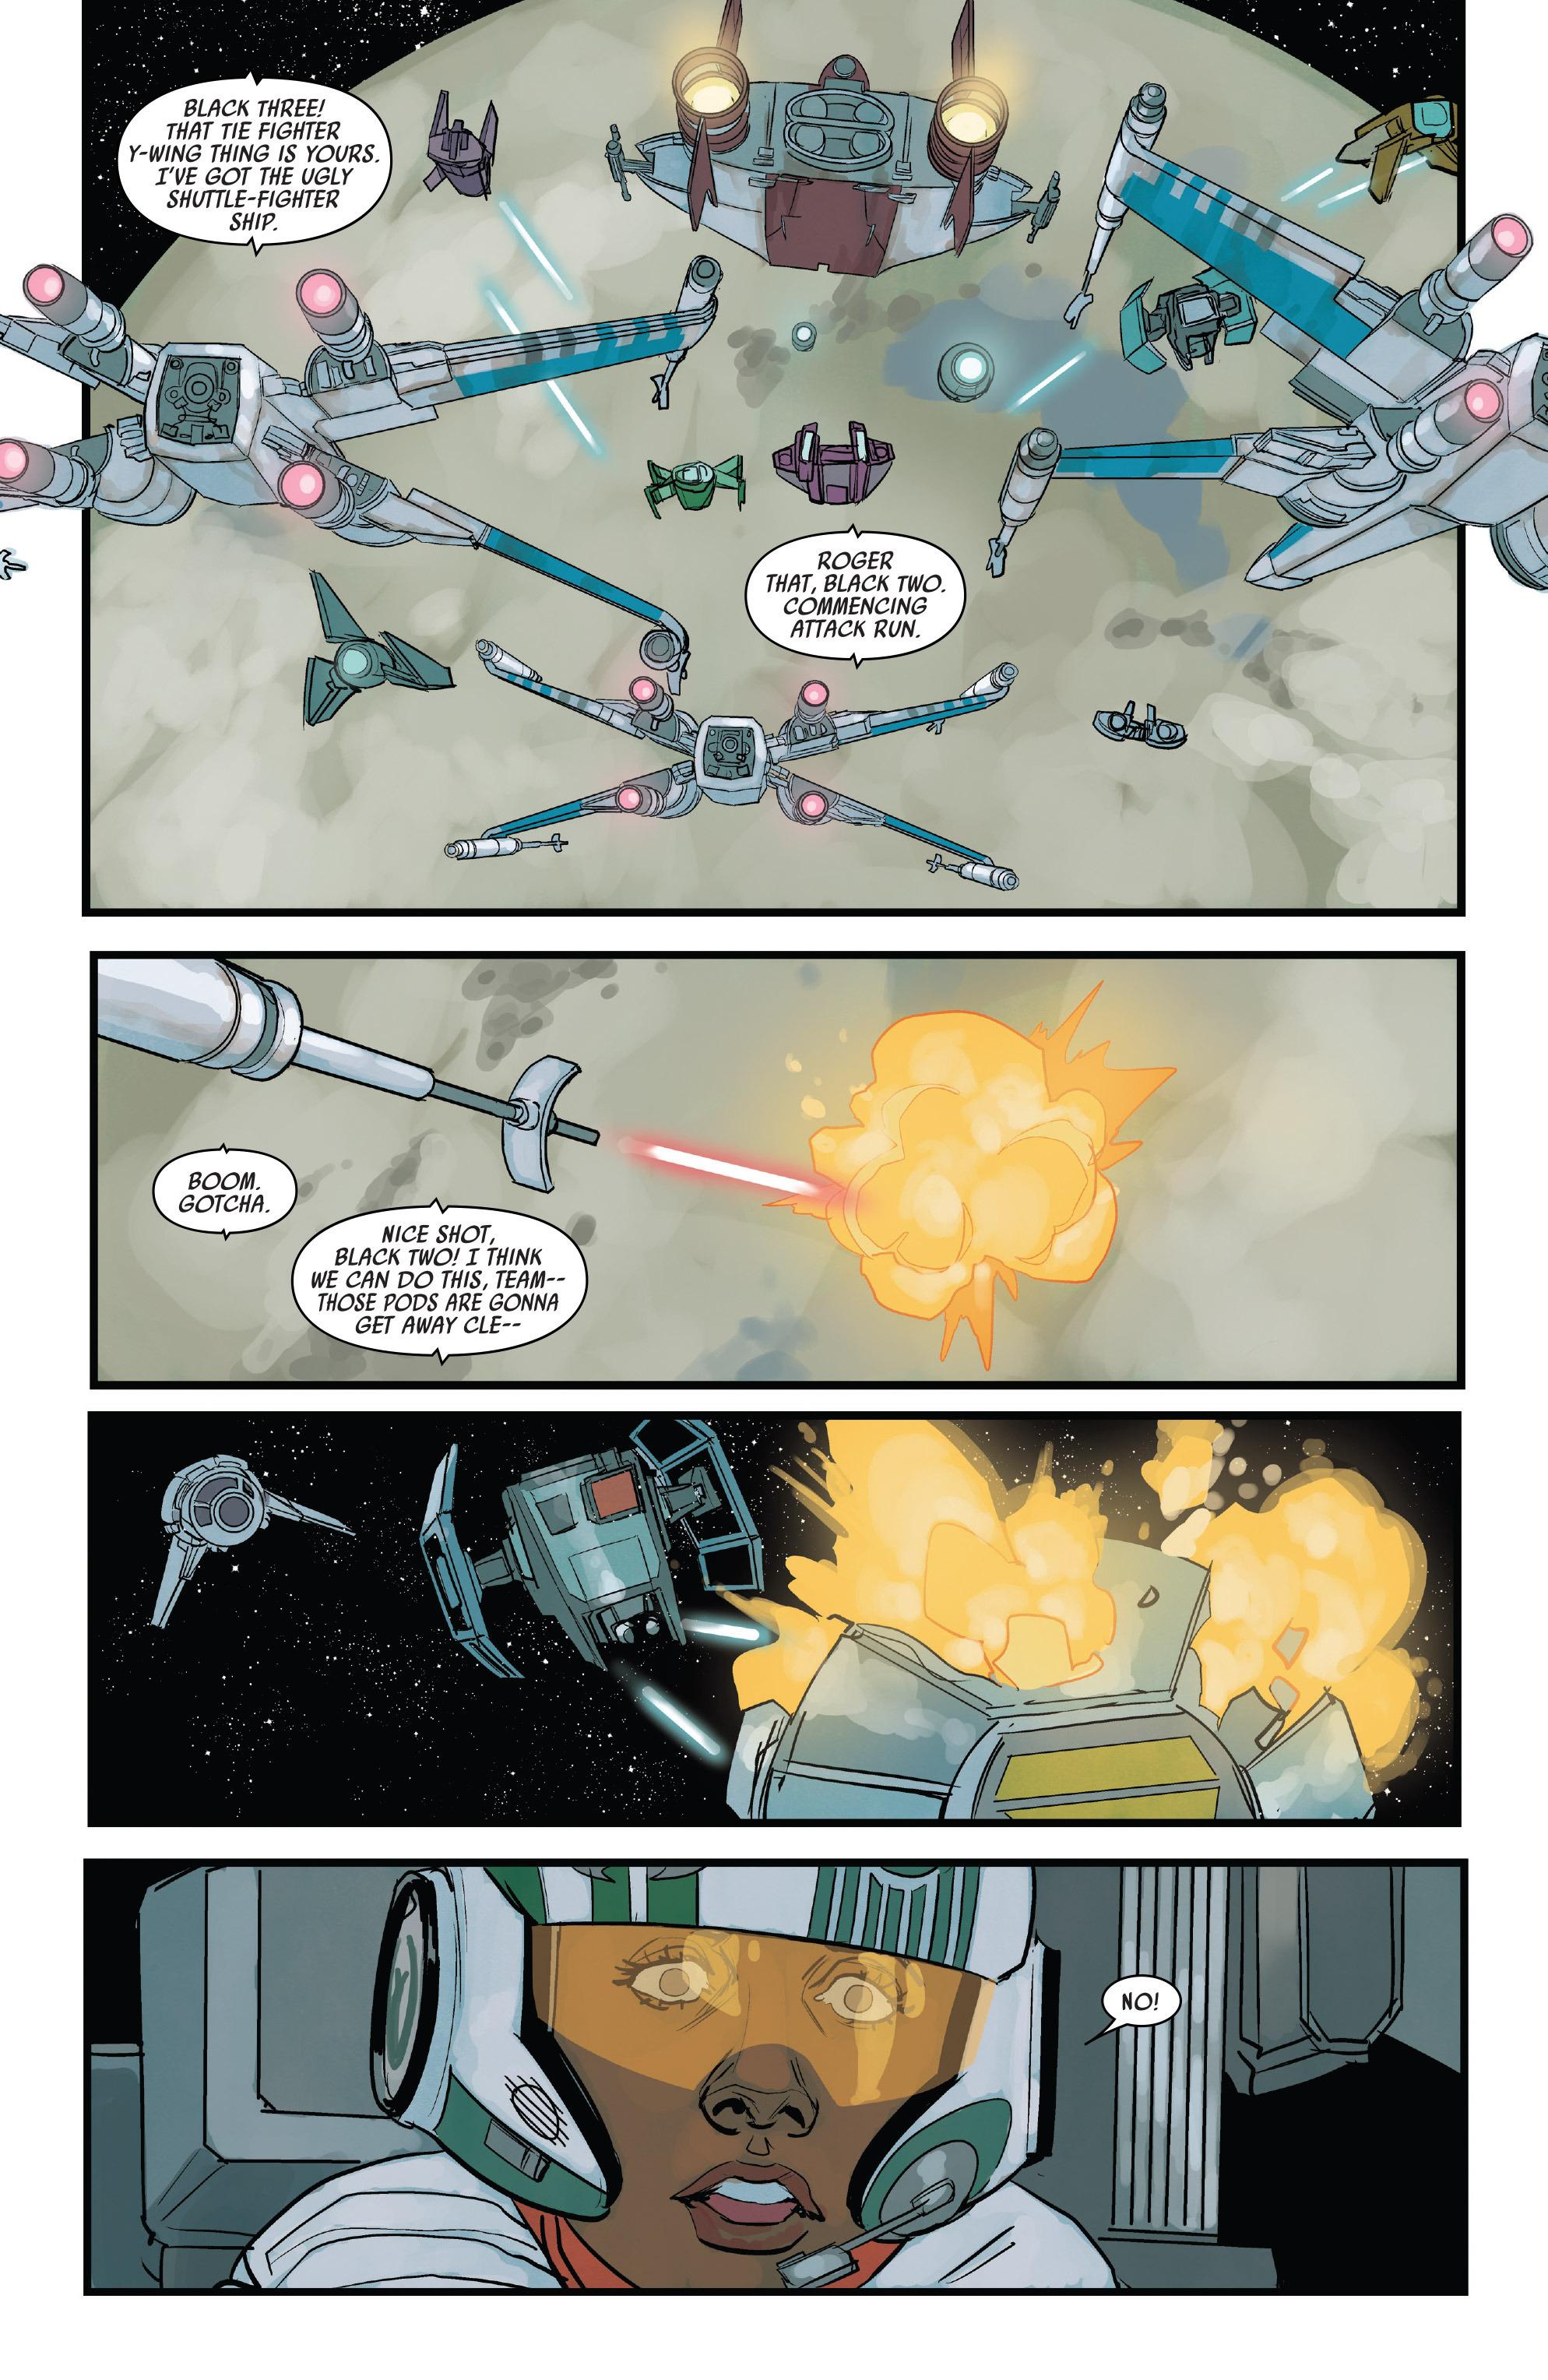 Read online Star Wars: Poe Dameron comic -  Issue #13 - 12